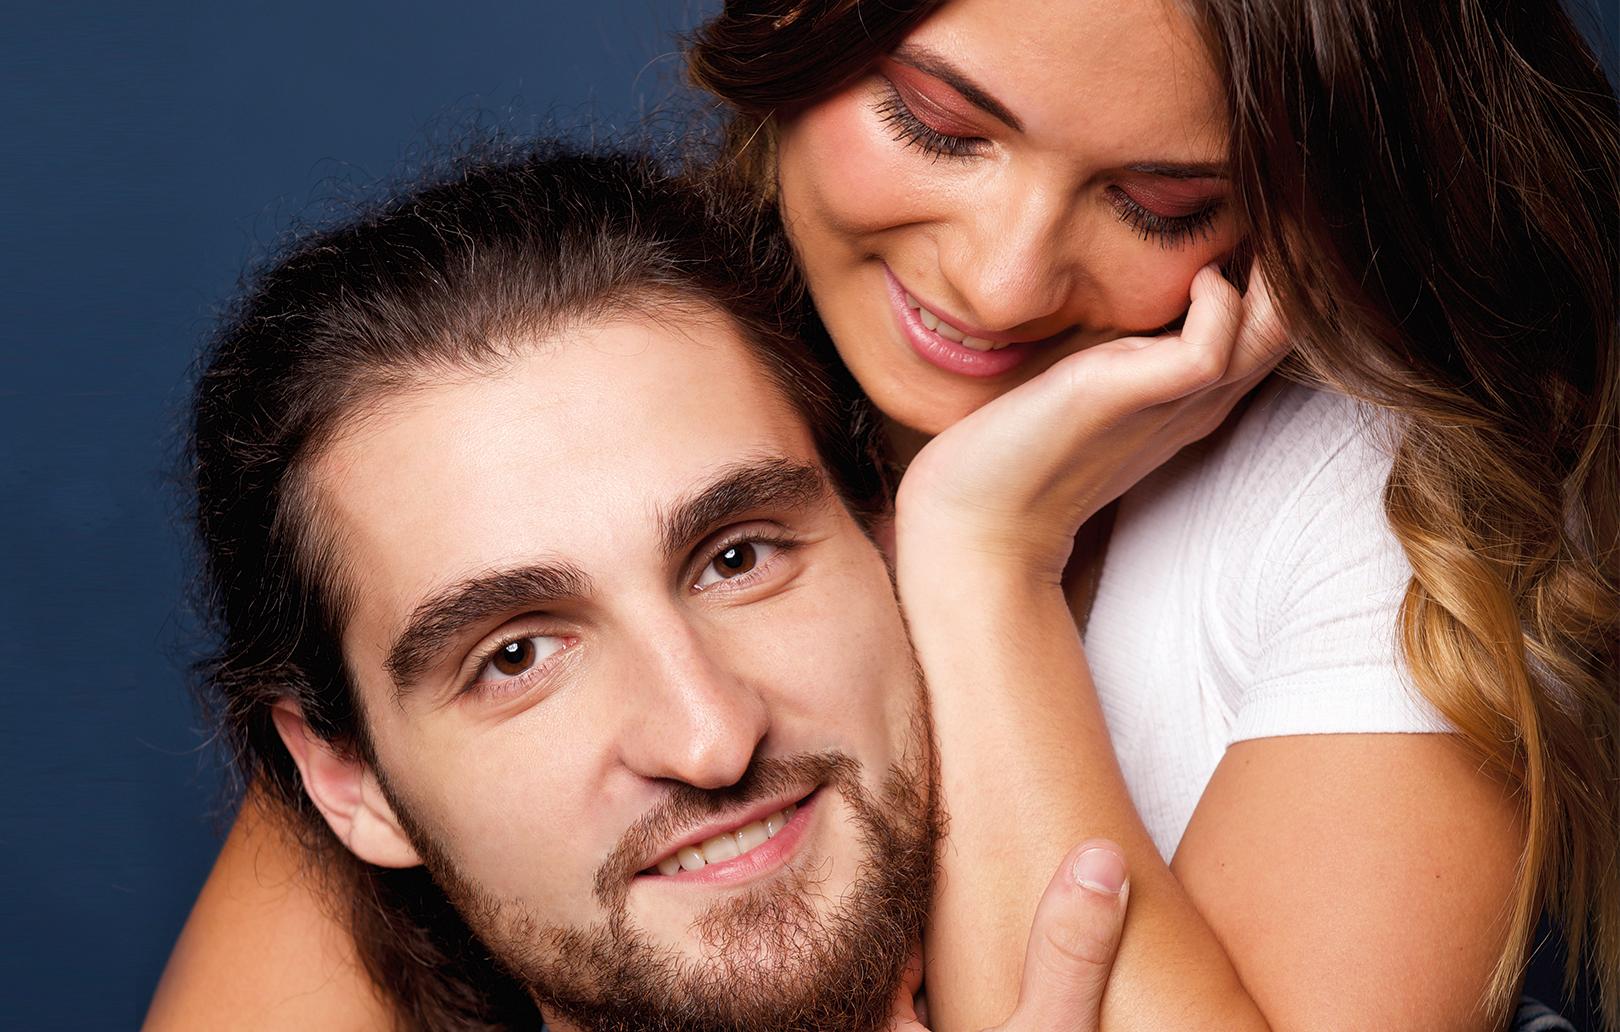 partner-fotoshooting-karlsruhe-bg31618473718